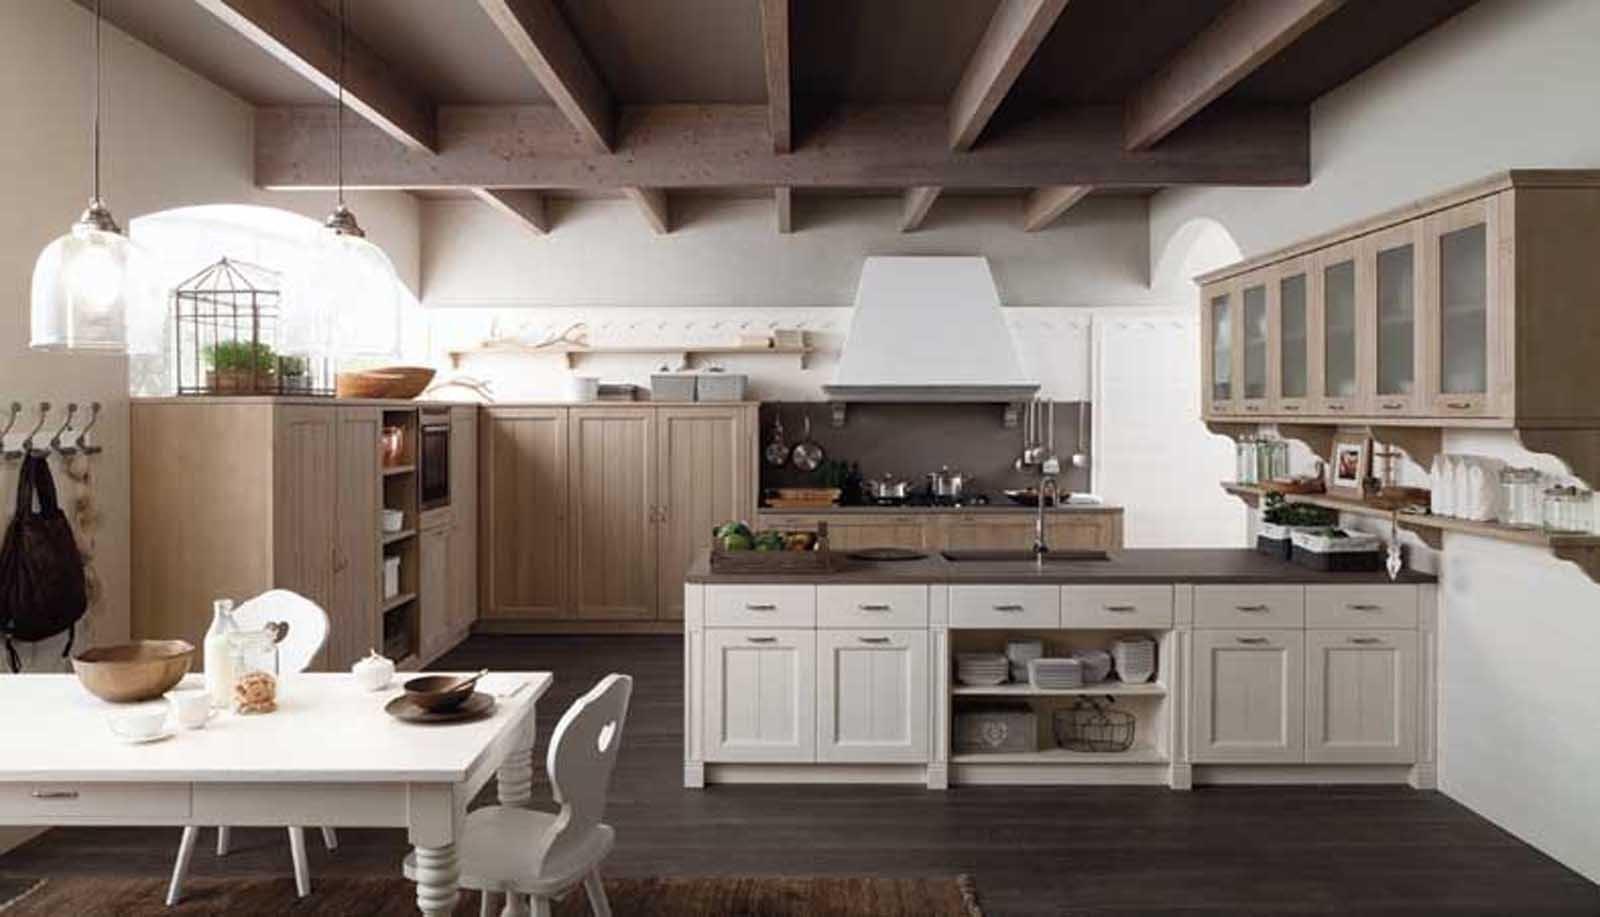 Cucine country una scelta di stile cose di casa for Ad giornale di arredamento